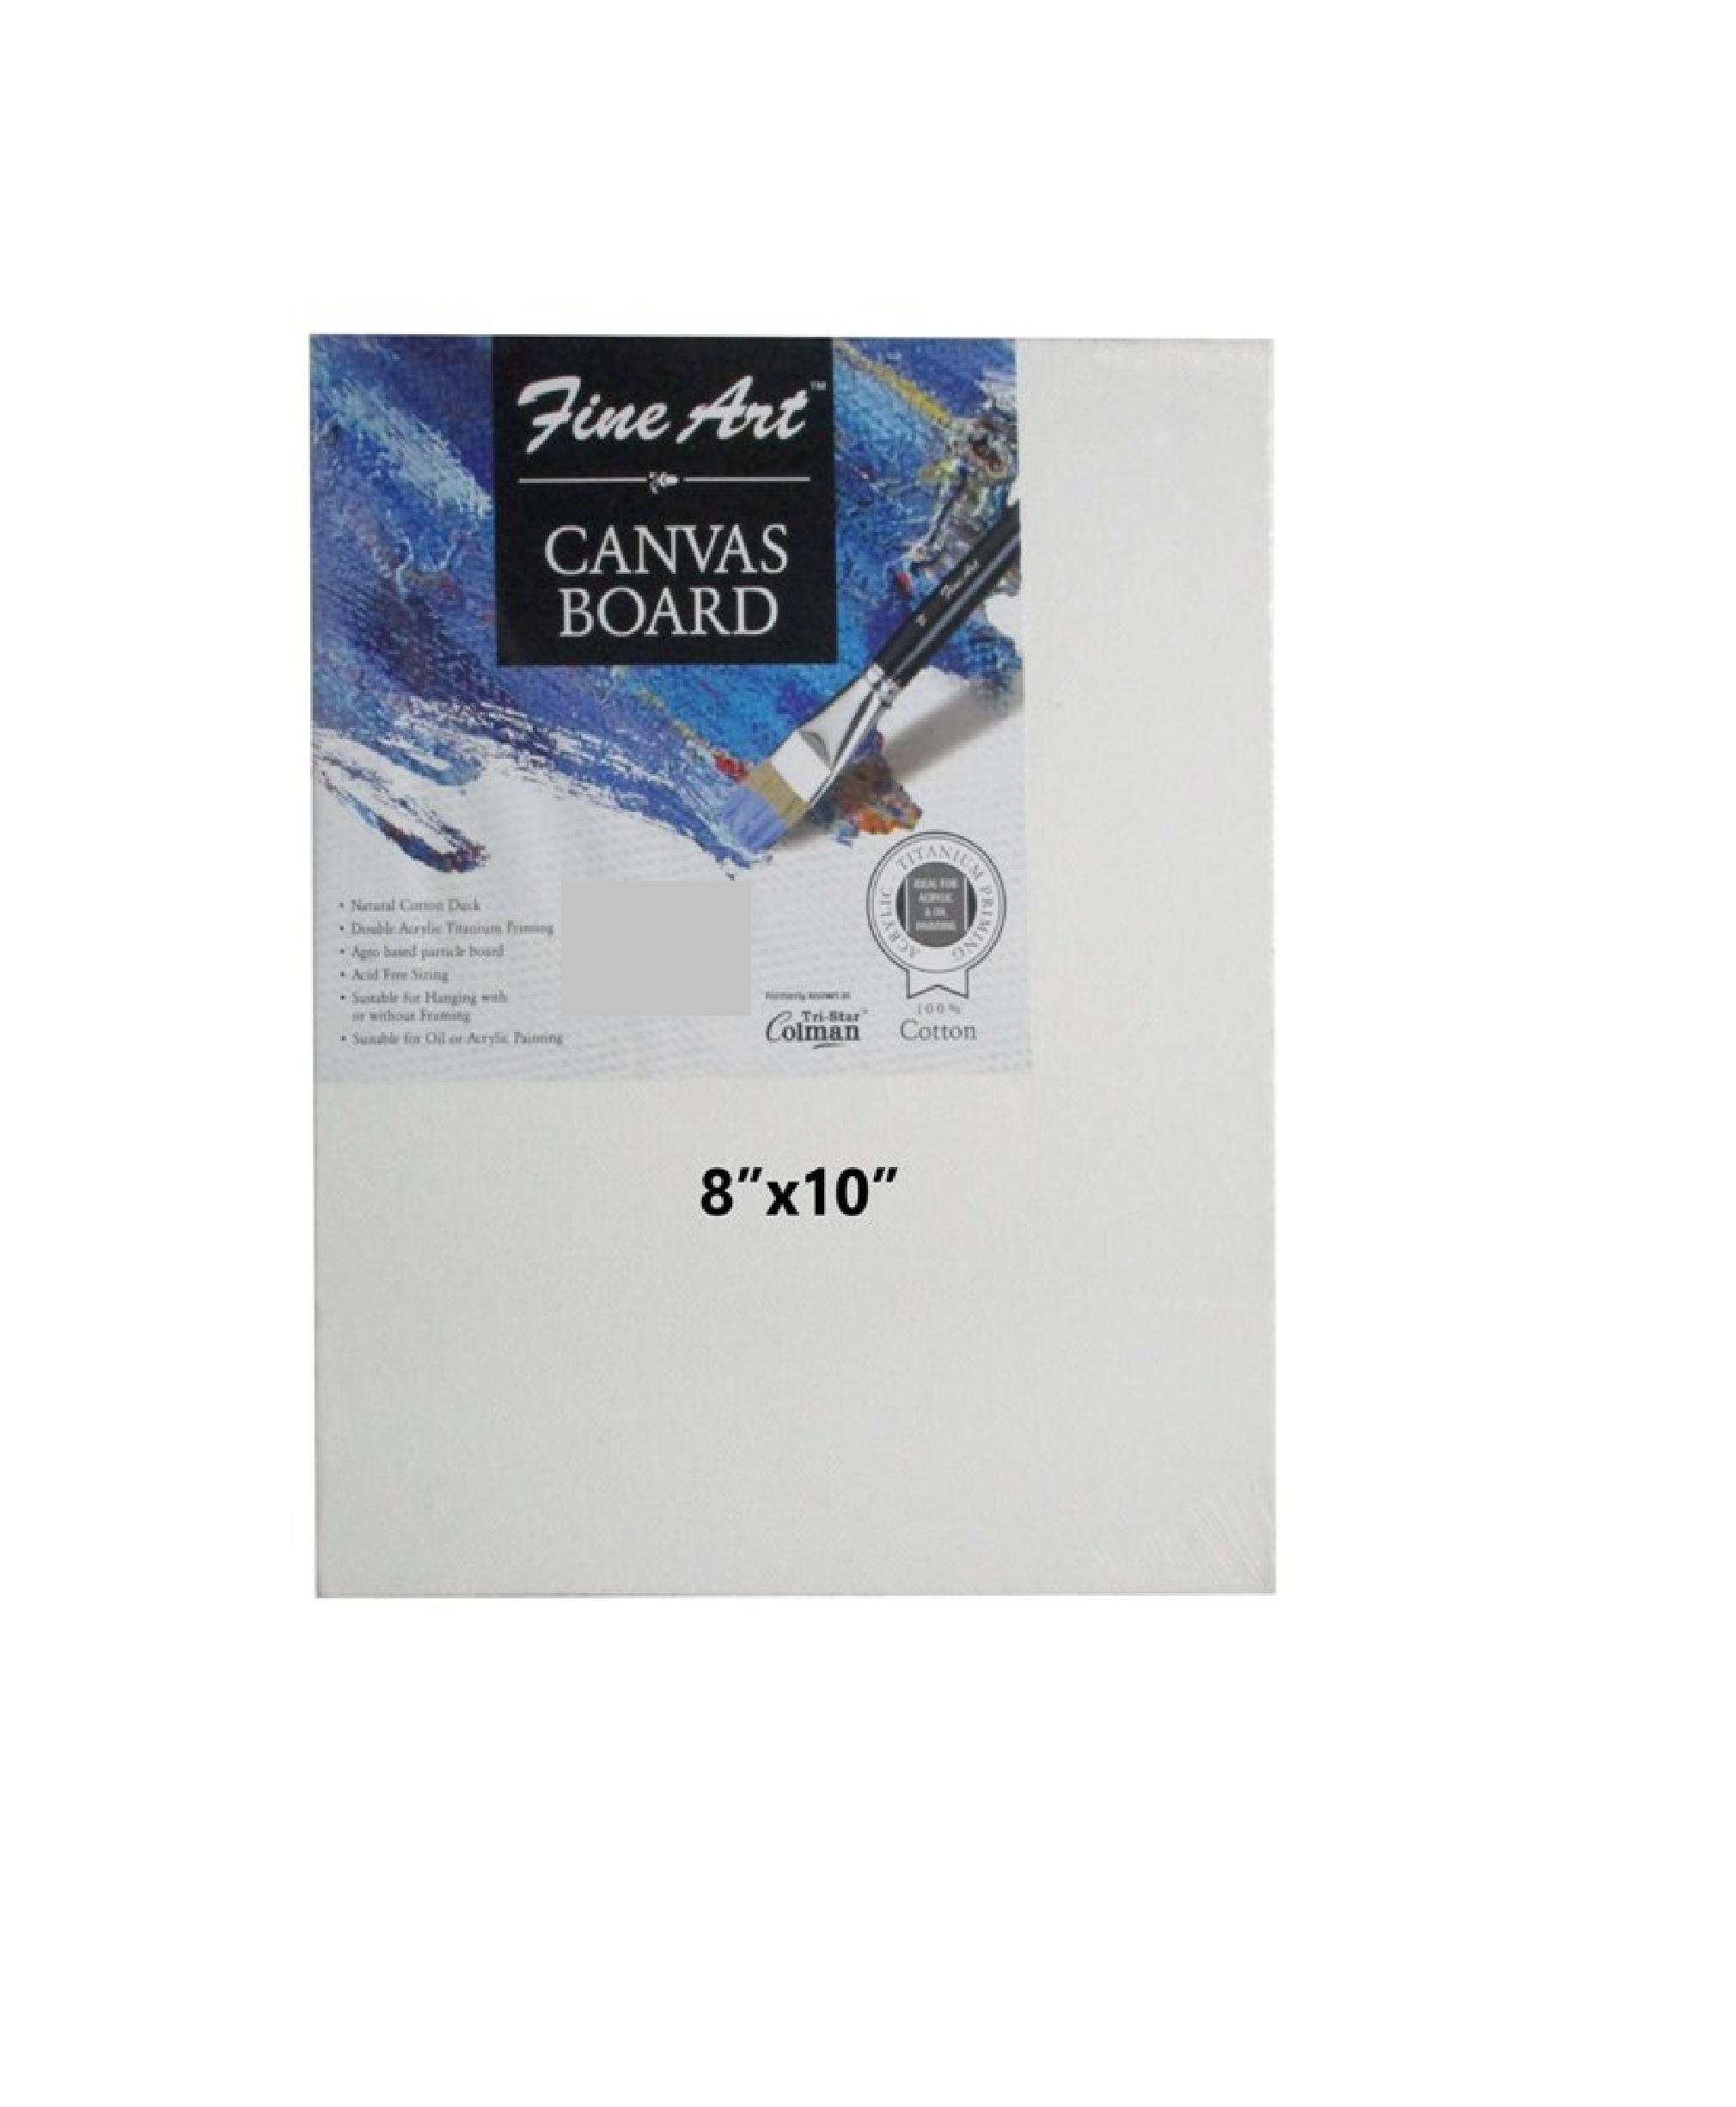 Fine Art CANVAS BOARD 8 X 10 Inches